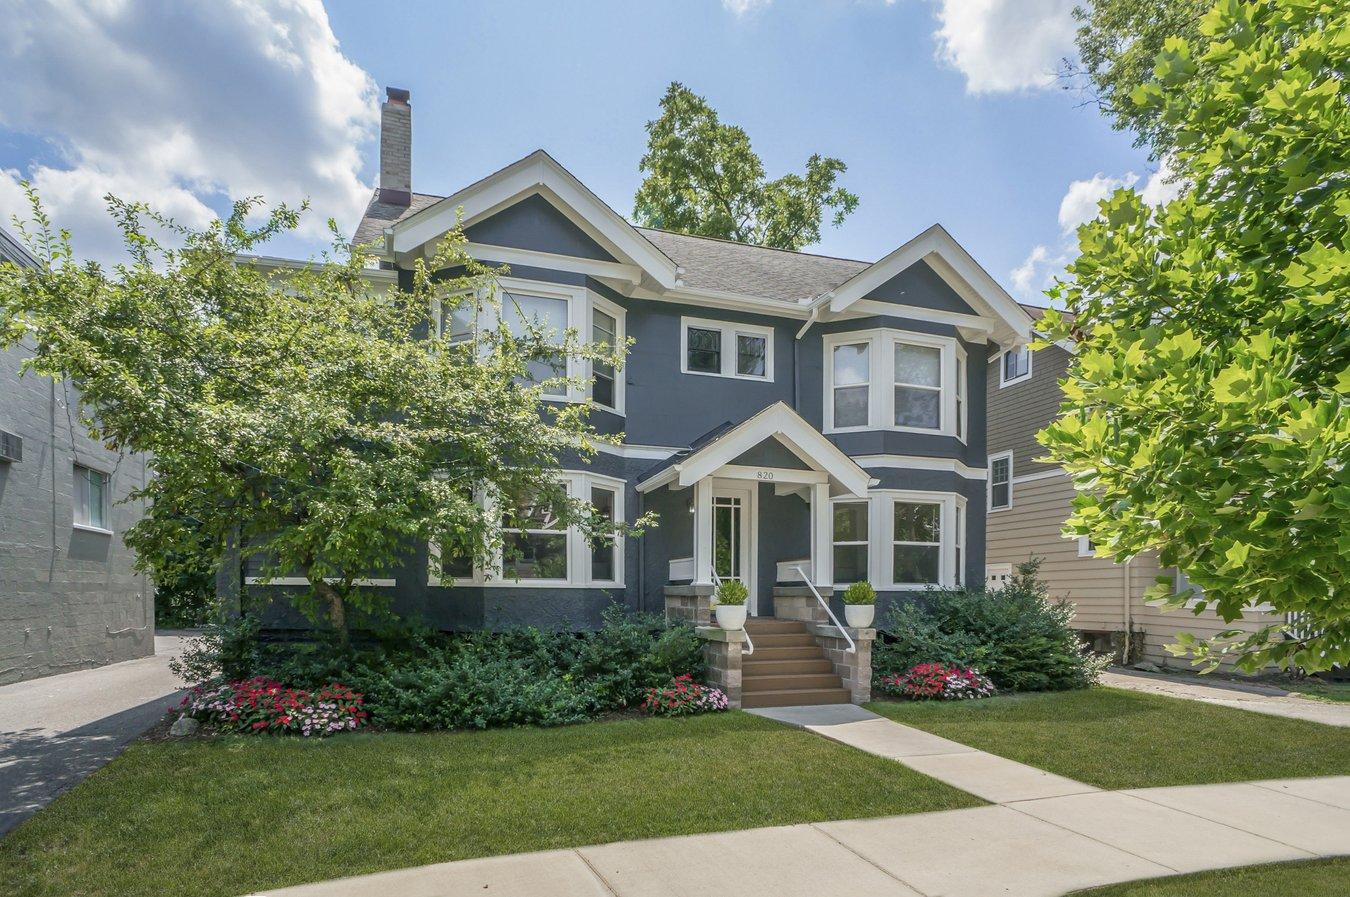 2 Bedrooms 1 Bathroom Apartment for rent at 820 Mckinley Avenue in Ann Arbor, MI